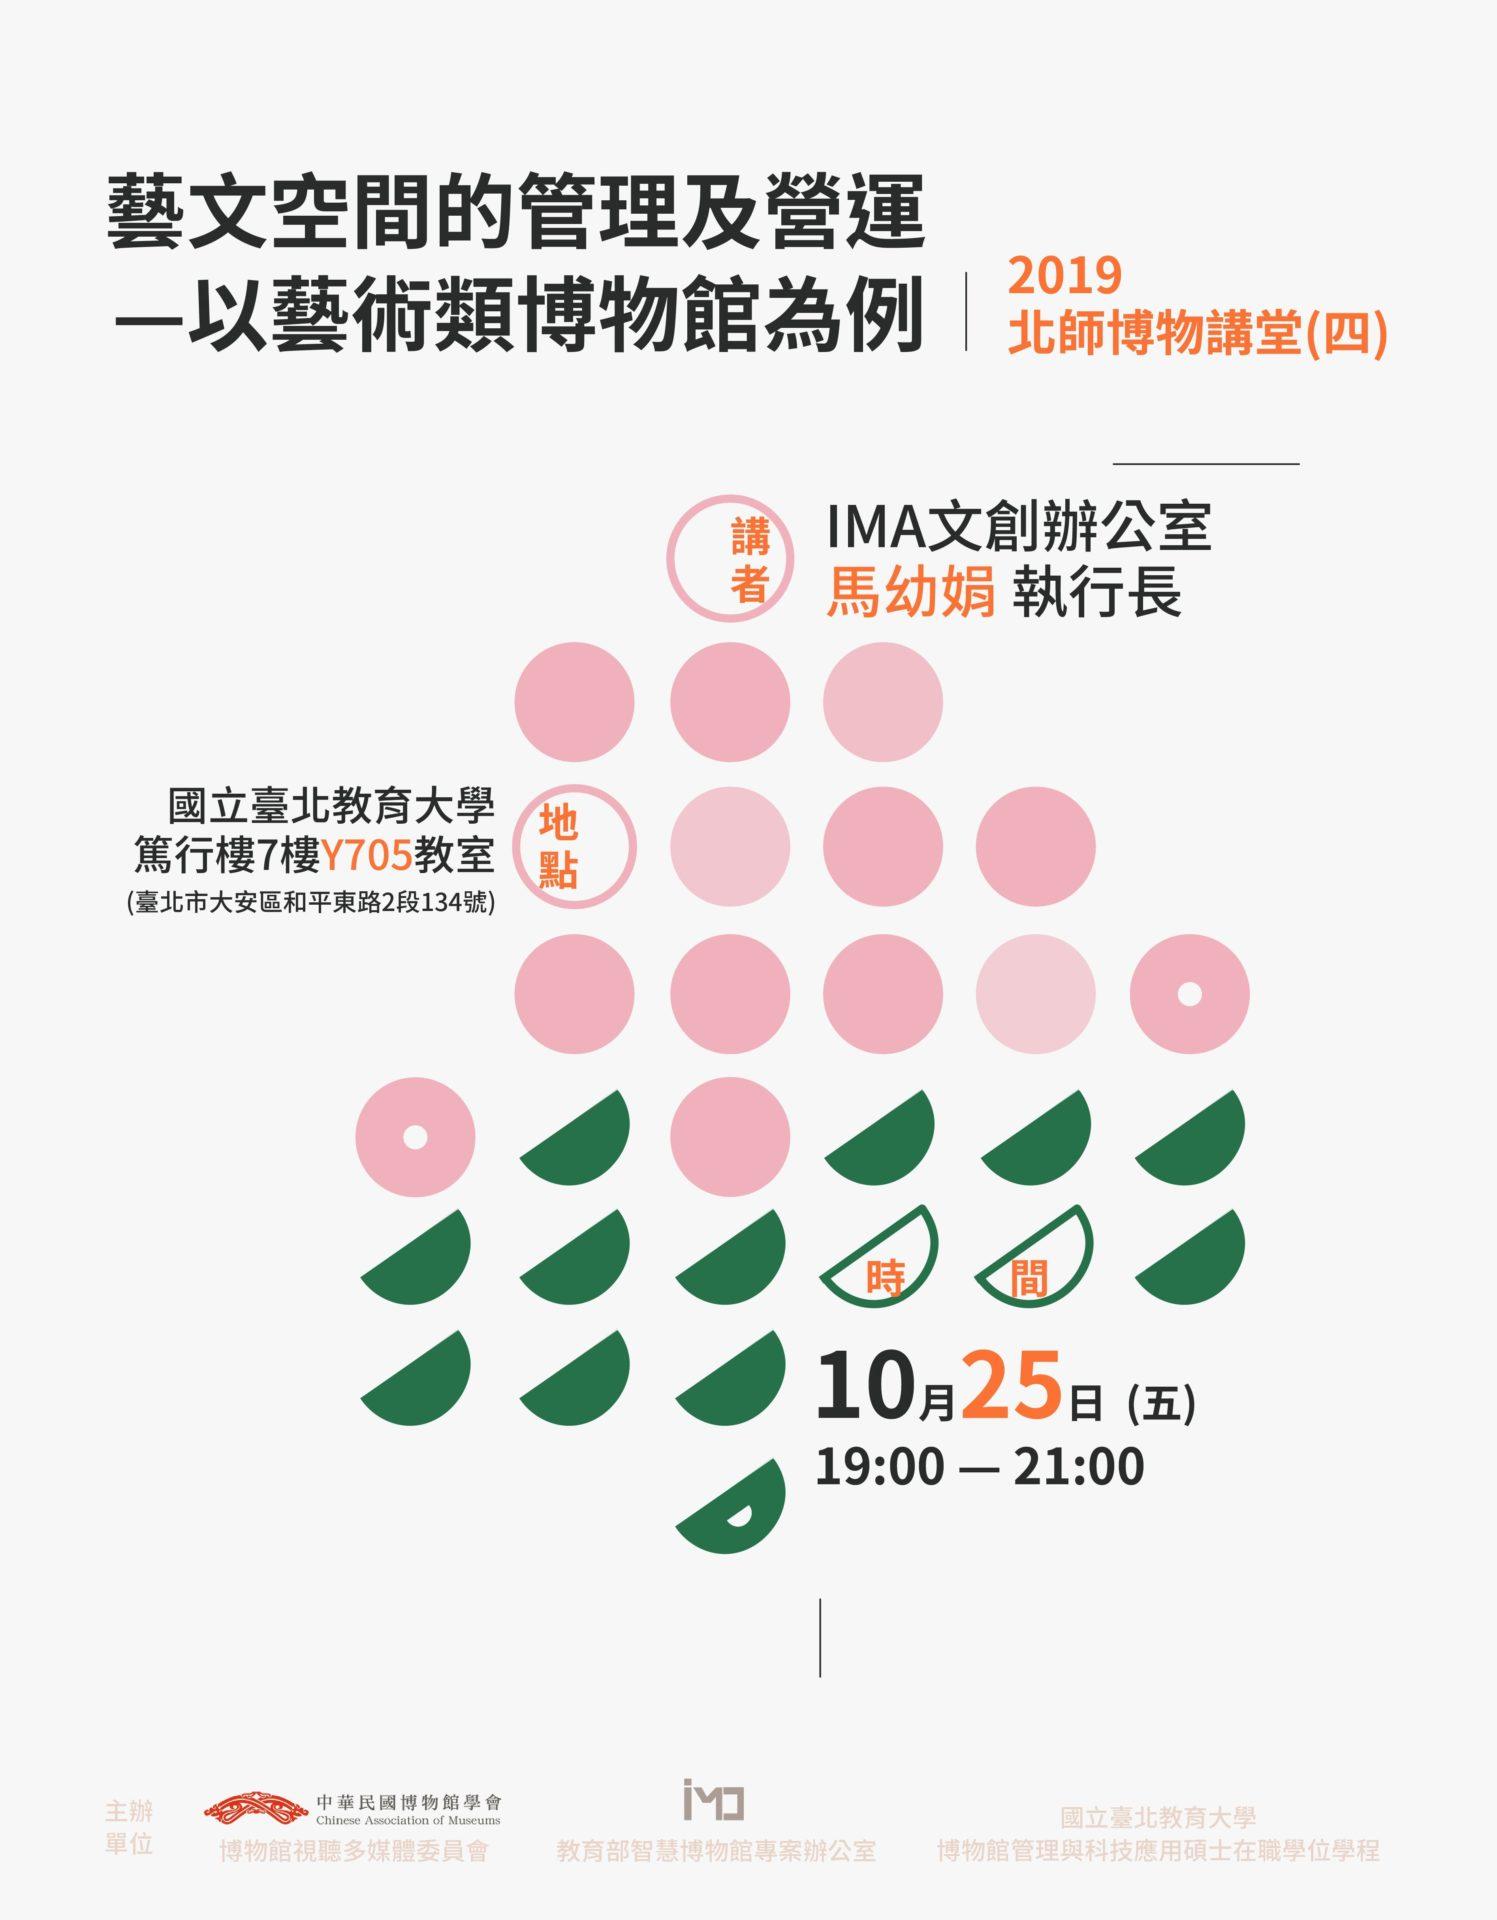 中華民國博物館學會博物館視聽多媒體委員會:2019/10/25【2019北師博物講堂-藝文空間的管理及營運—以藝術類博物館為例】